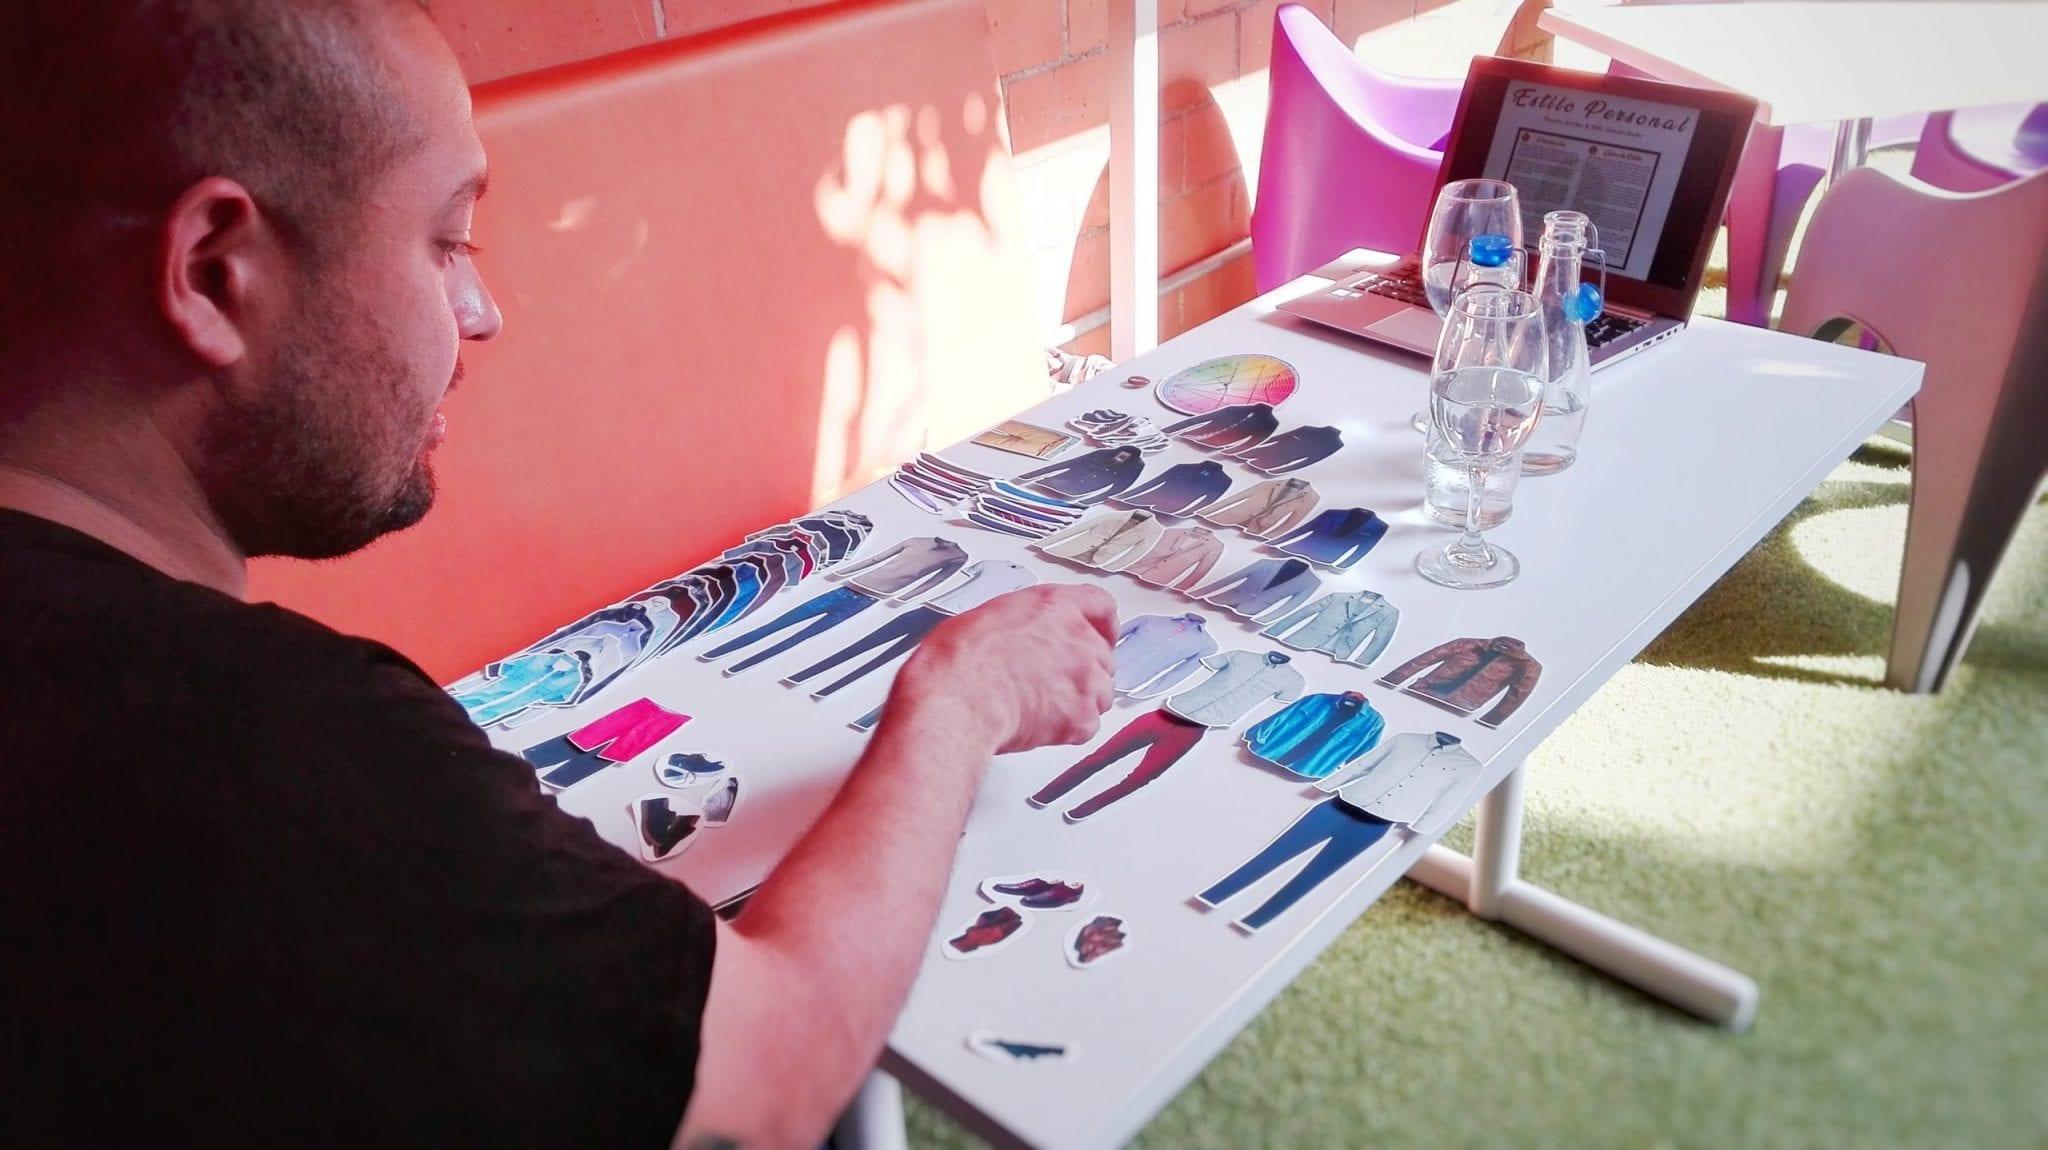 asesoría de imagen asesoría de imagen personalsonal medellin, asesoría de imagen masculina, asesoría de imagen femenina, personal shopping. análisis de armario, colorimetría, estilo, color, cambio de look, cambio de imagen, la mejor asesora de imagen de colombia, la mejor asesora de imagen de medellin, experta en imagen